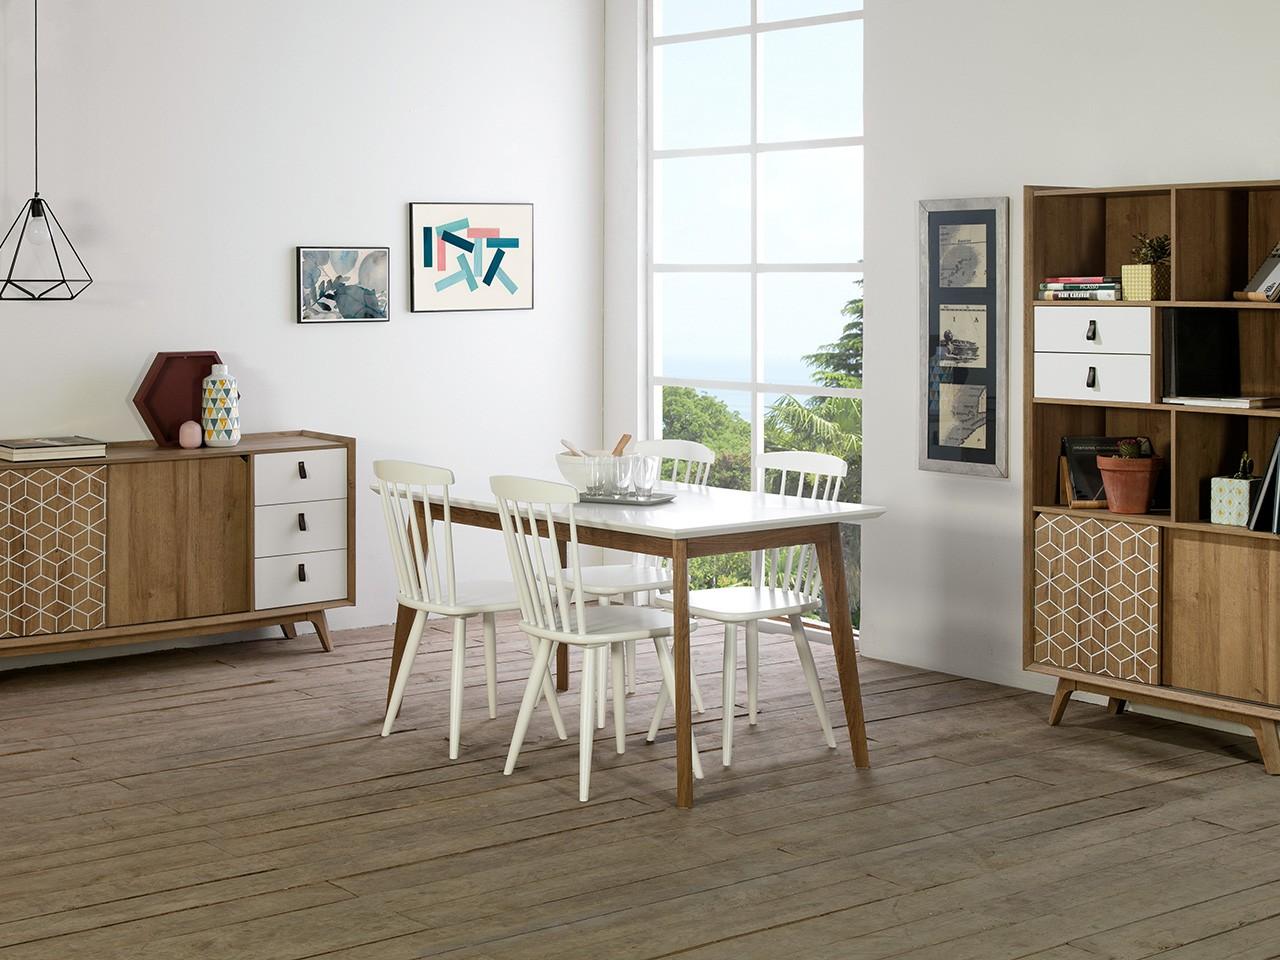 Cocinas Baratas Y Muebles De Cocina Baratos Dicoro - Cocinas-modernas-baratas